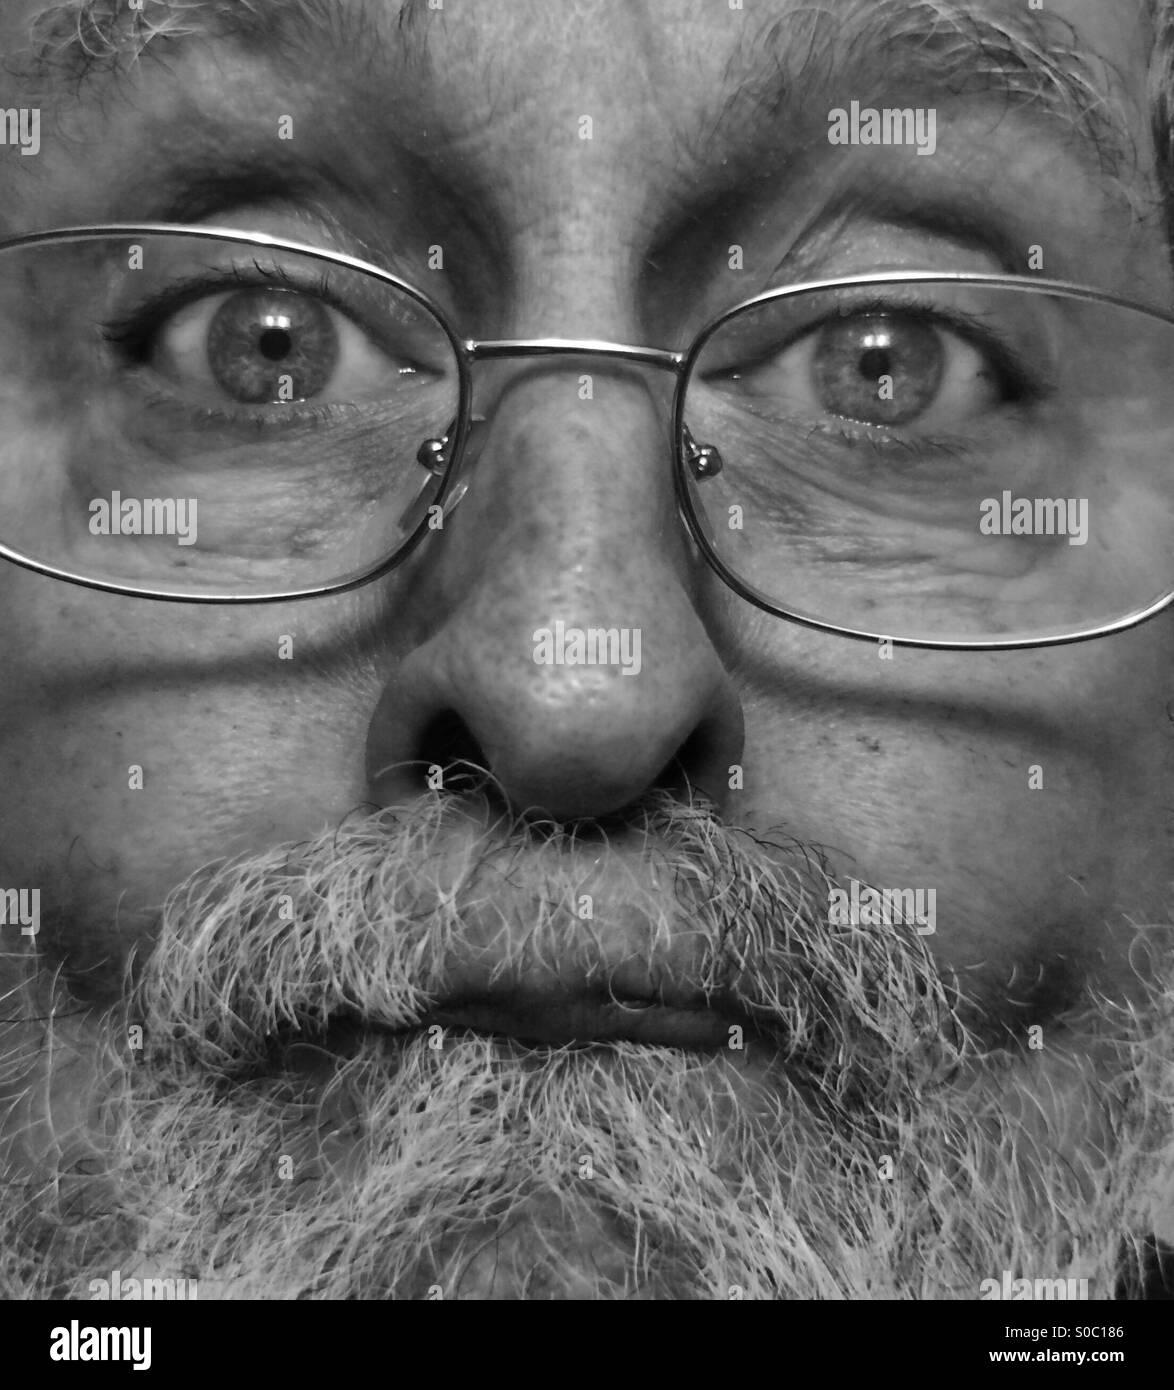 Los 64 años de edad, blanco, masculino, cerca del barbudo, envejecimiento facial, modelo liberado, en blanco y negro Foto de stock